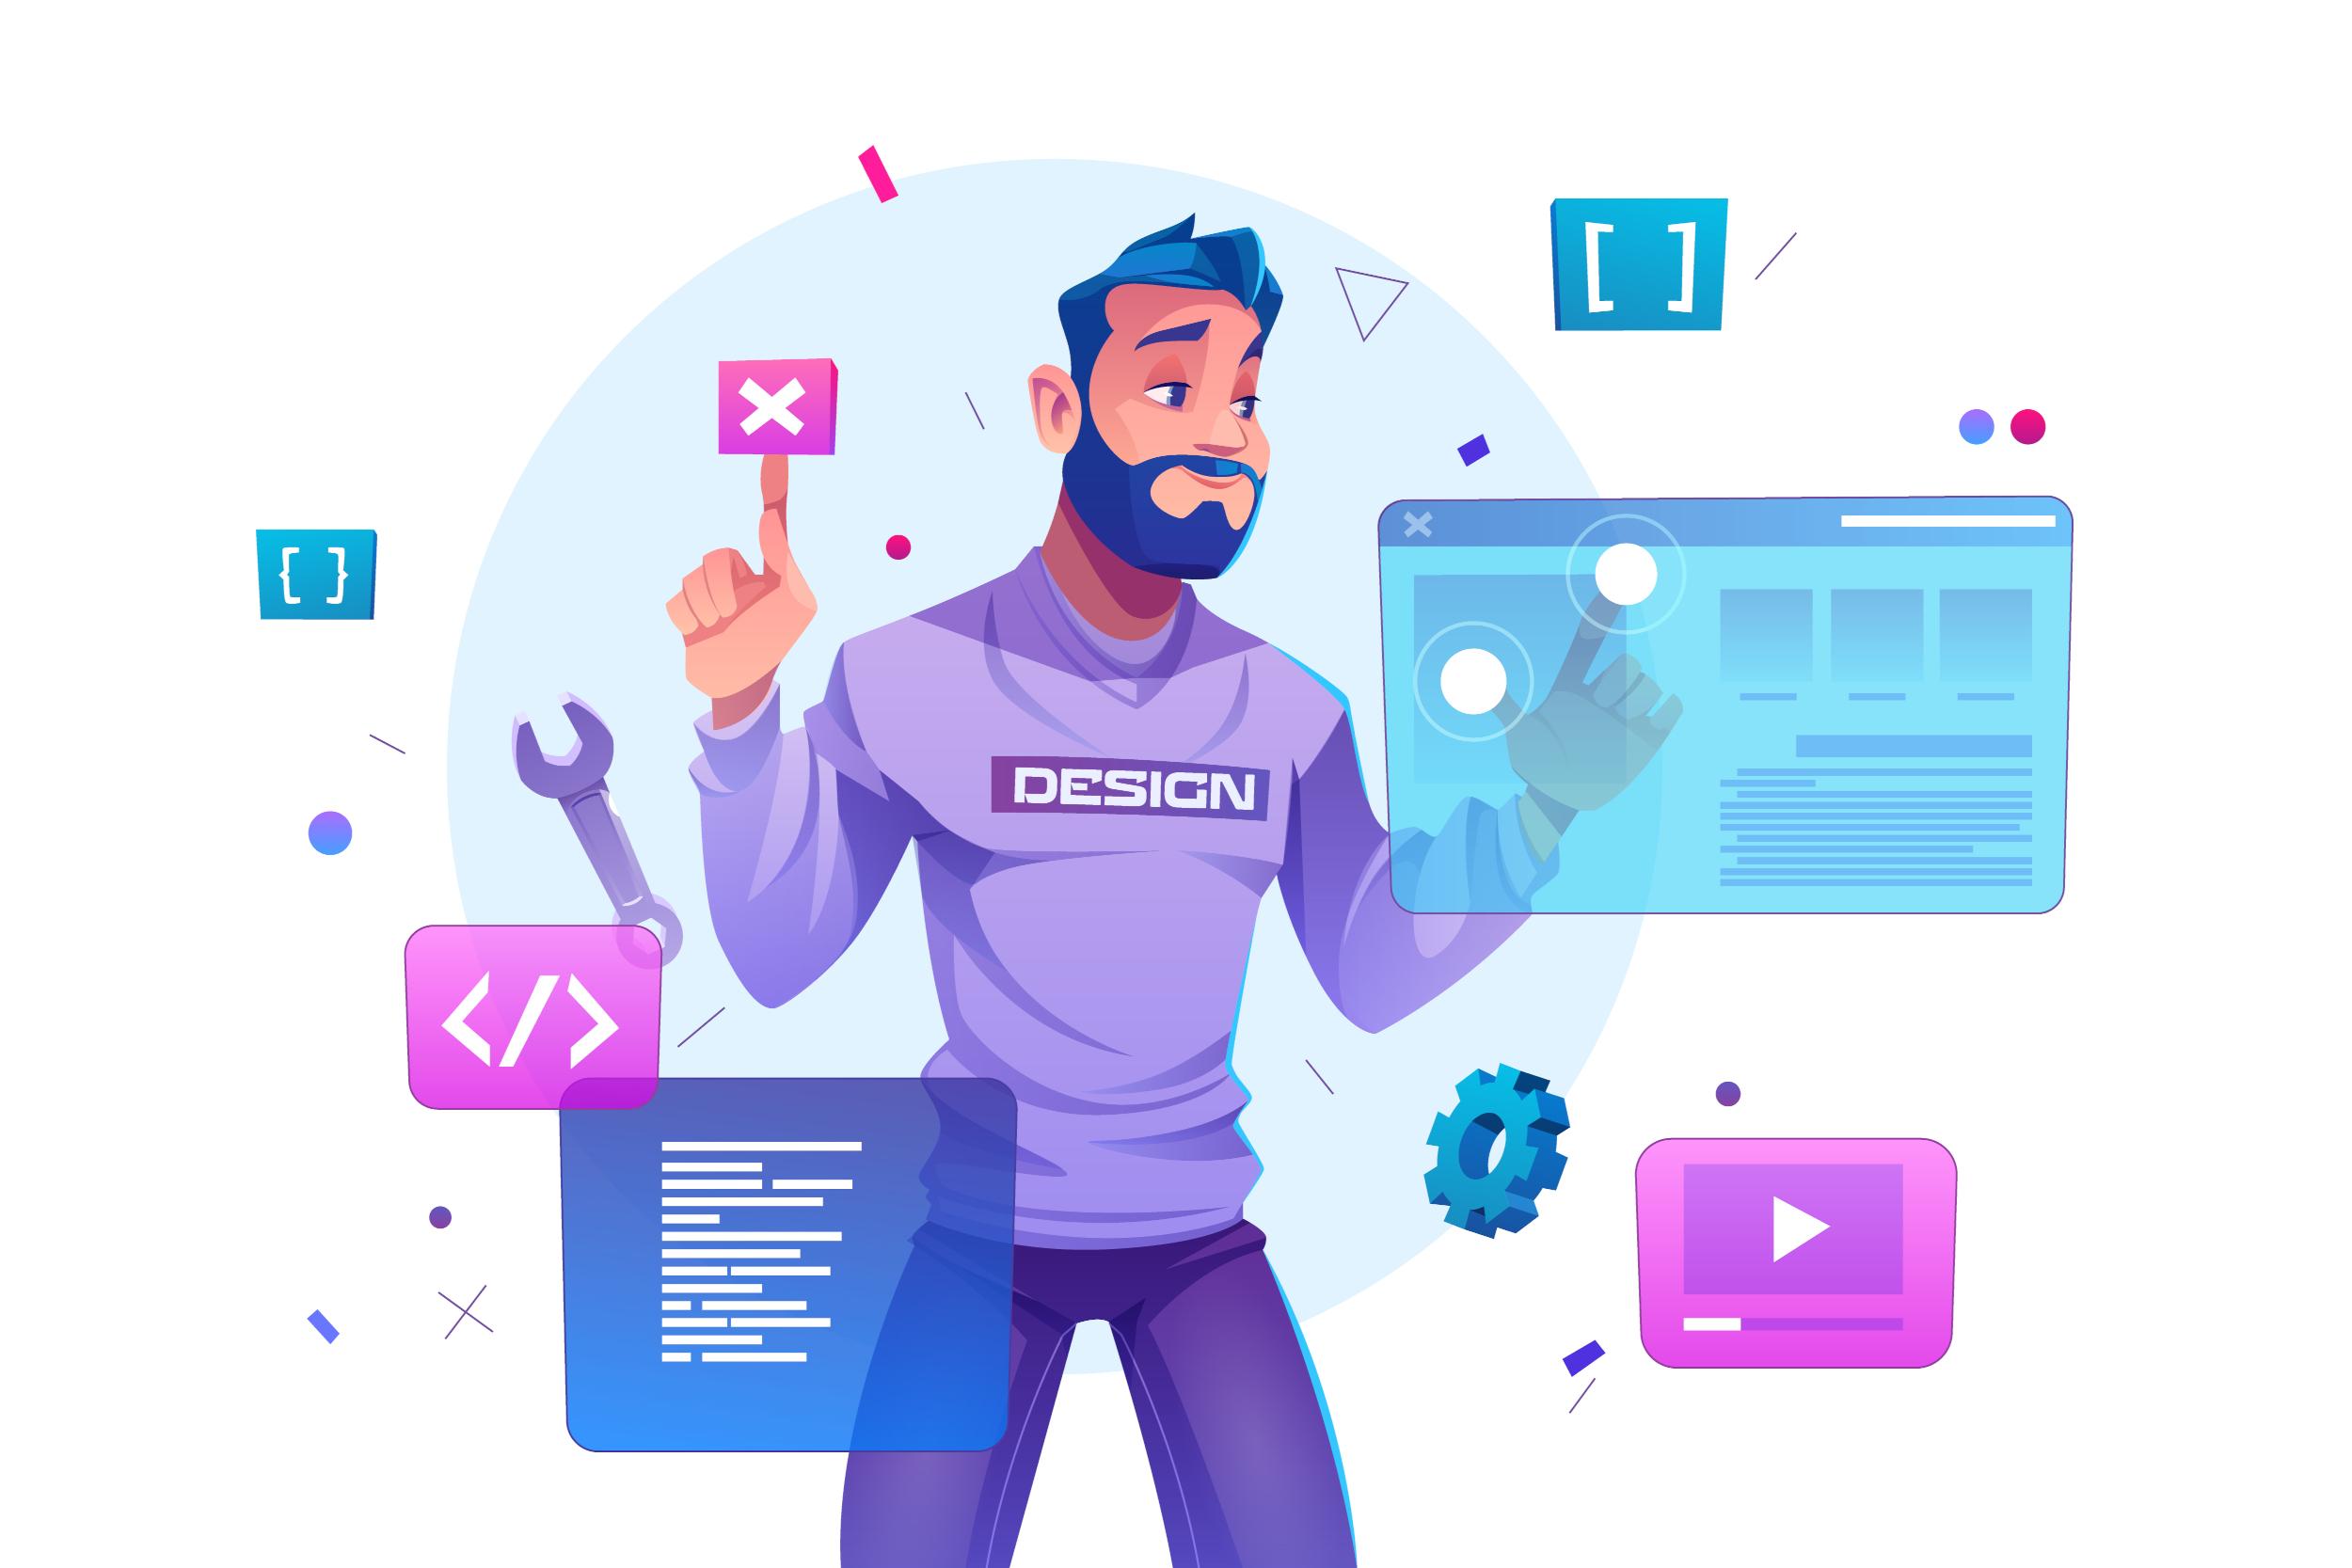 Δημιουργία ιστοσελίδας